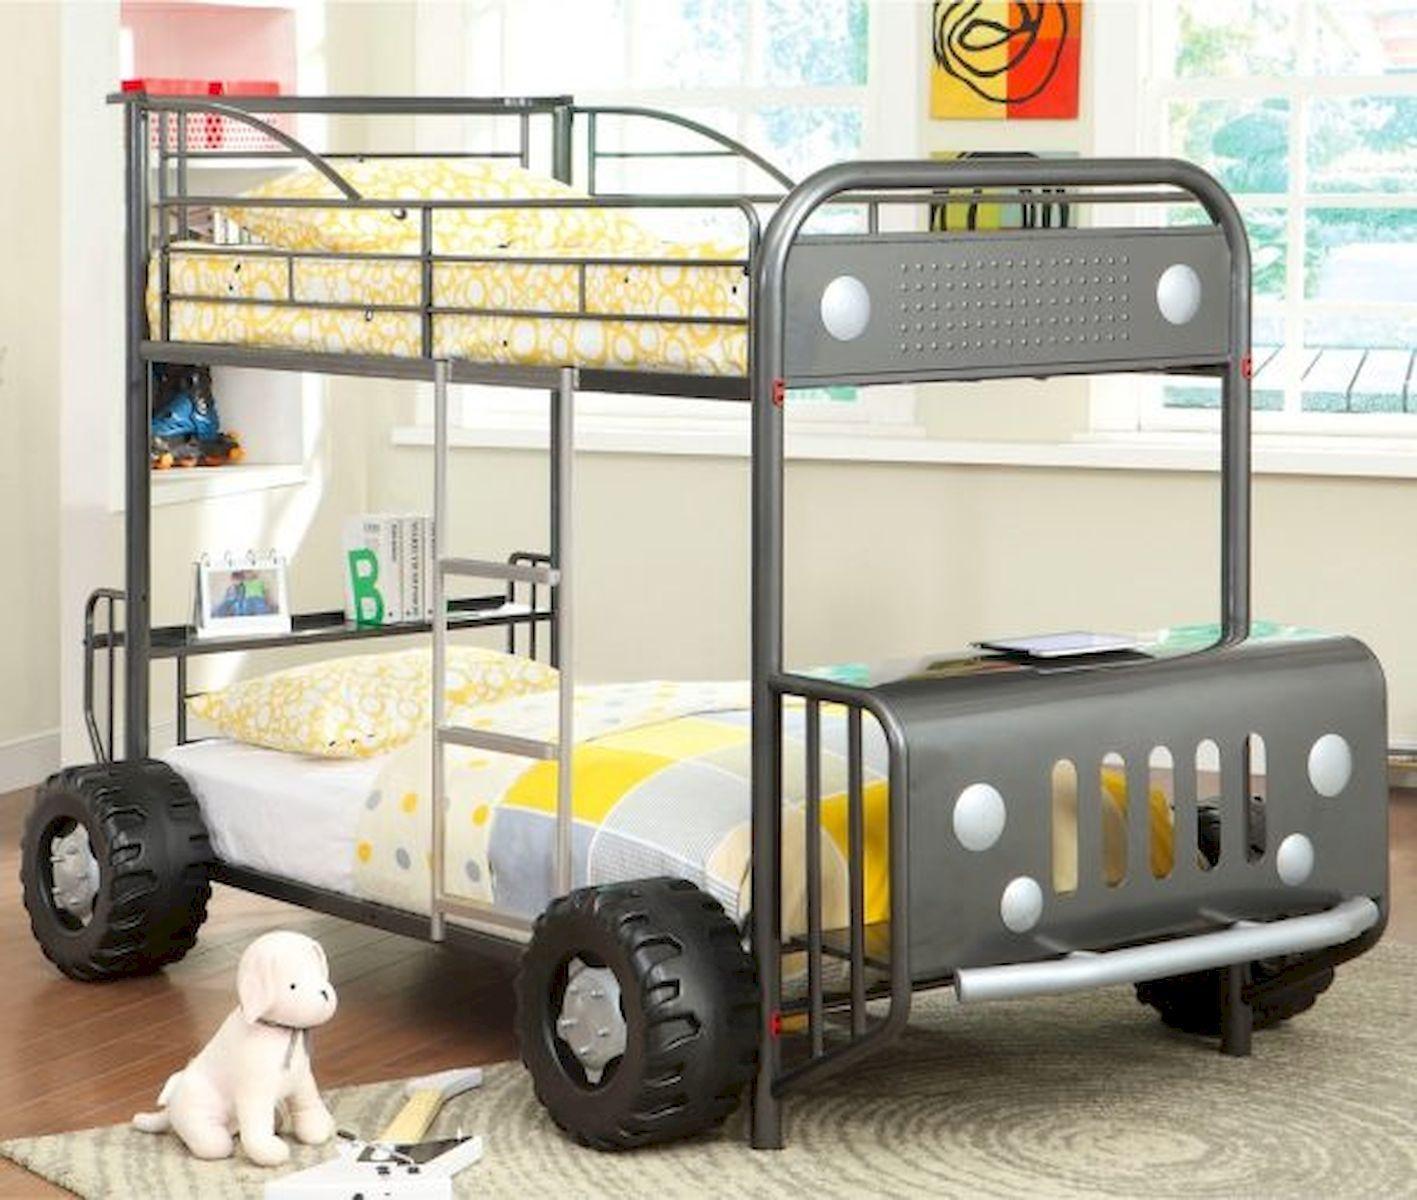 Choosing Kids Bedroom Furniture Choosing kids bedroom furniture